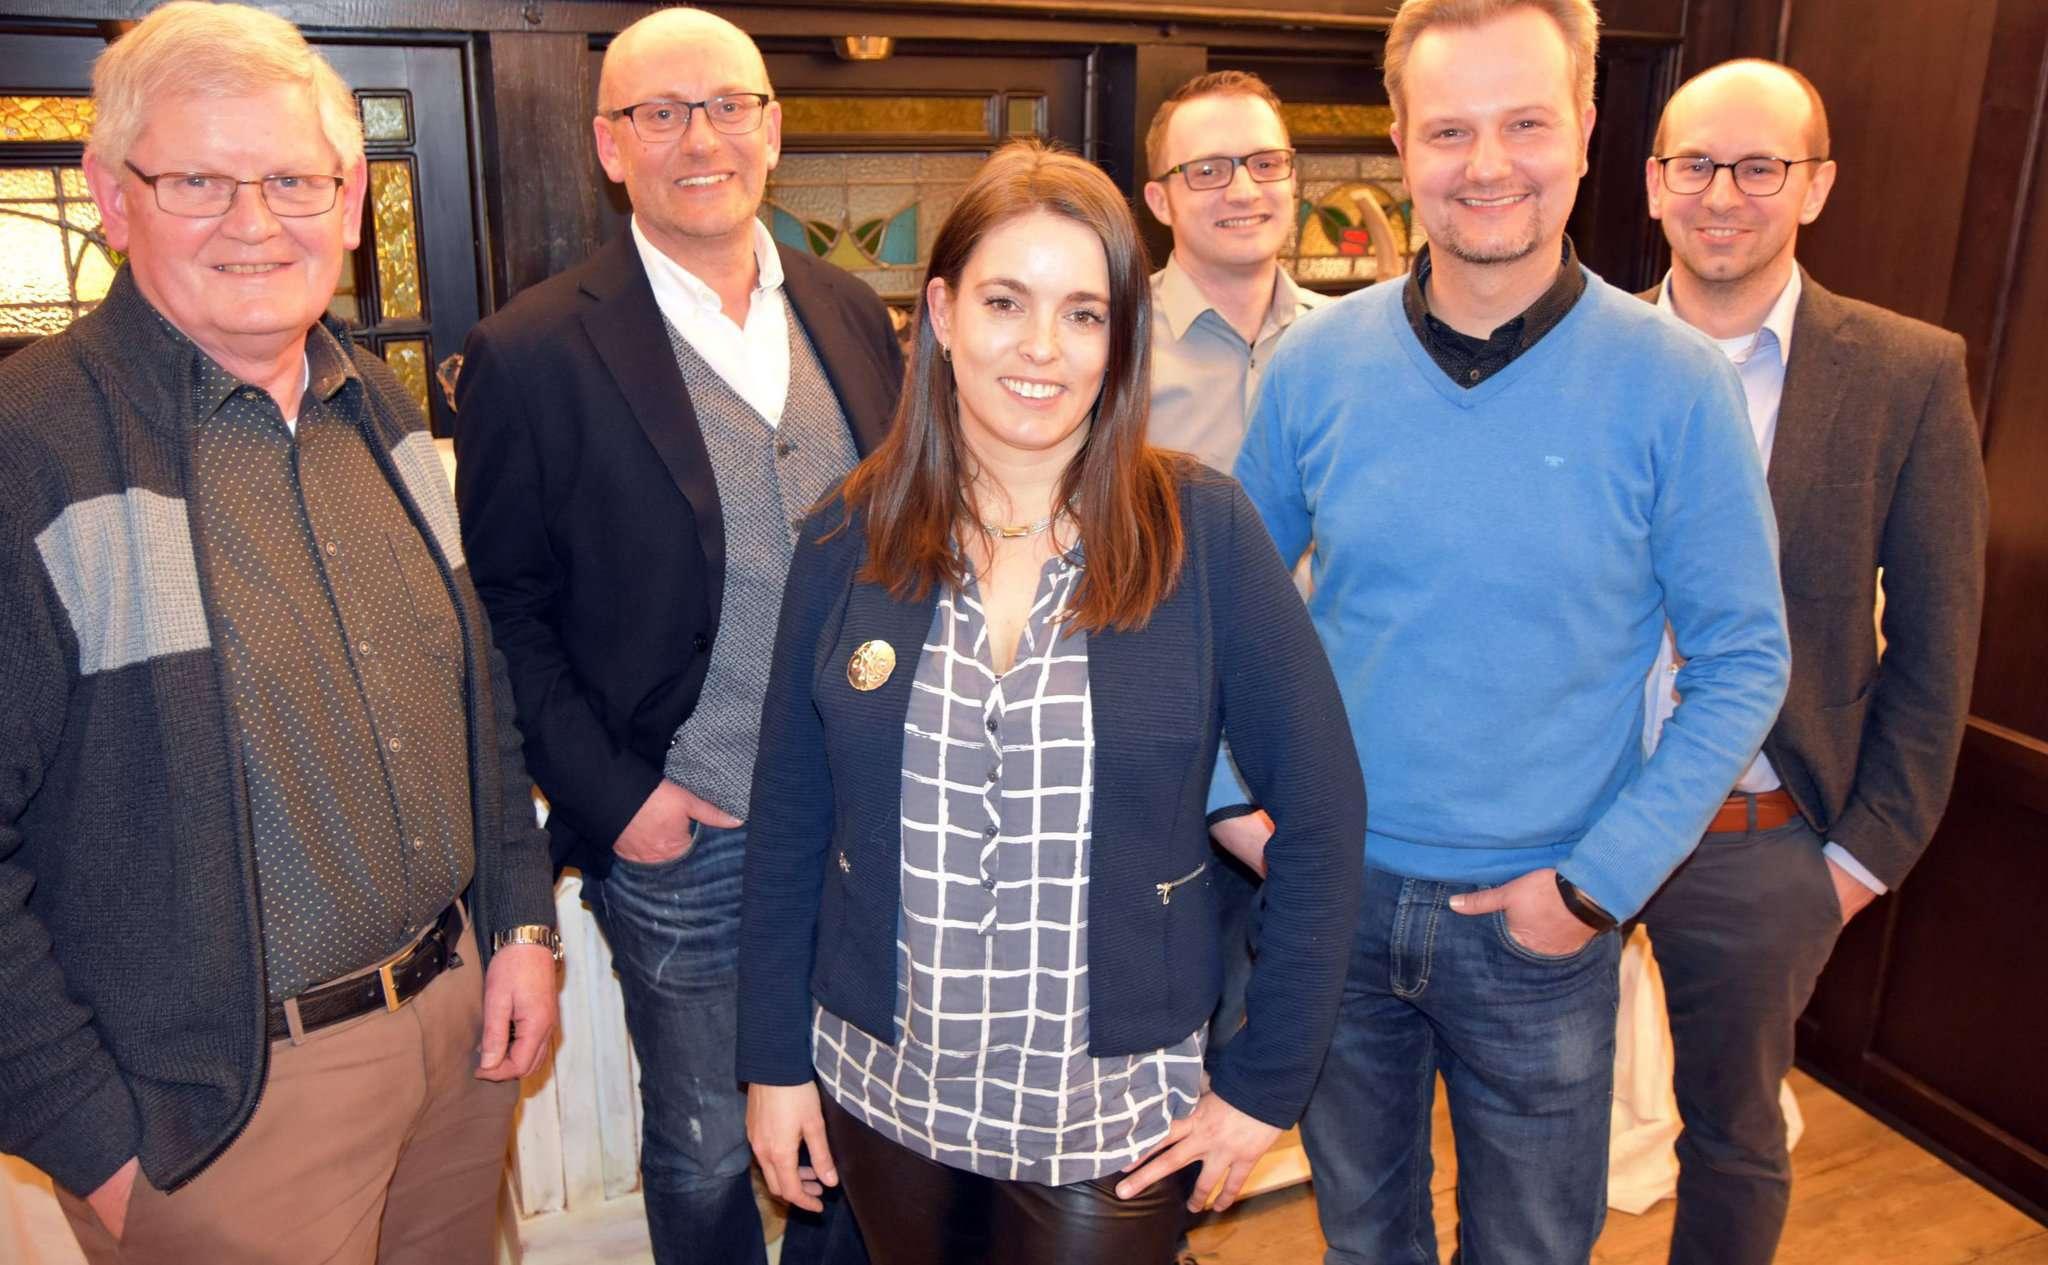 Der Vorstand des WIR: Gerhard Inzelmann (von links), Torsten Wichern, Sarah Mußlick, Mathes Stabbert, Bernd Dohrmann und Sebastian Albers Foto: Heidrun Meyer